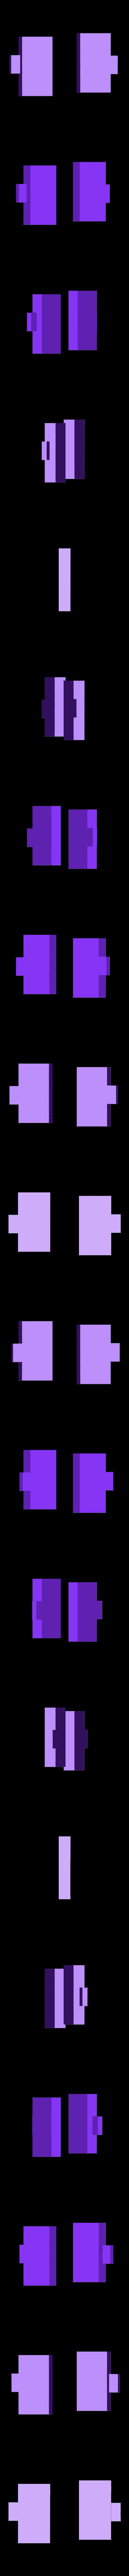 hyrule-stand-bits.stl Télécharger fichier STL gratuit Zelda Hyrule Crest - Mors de pied sur pied - Impression à plat • Plan pour imprimante 3D, Reshea